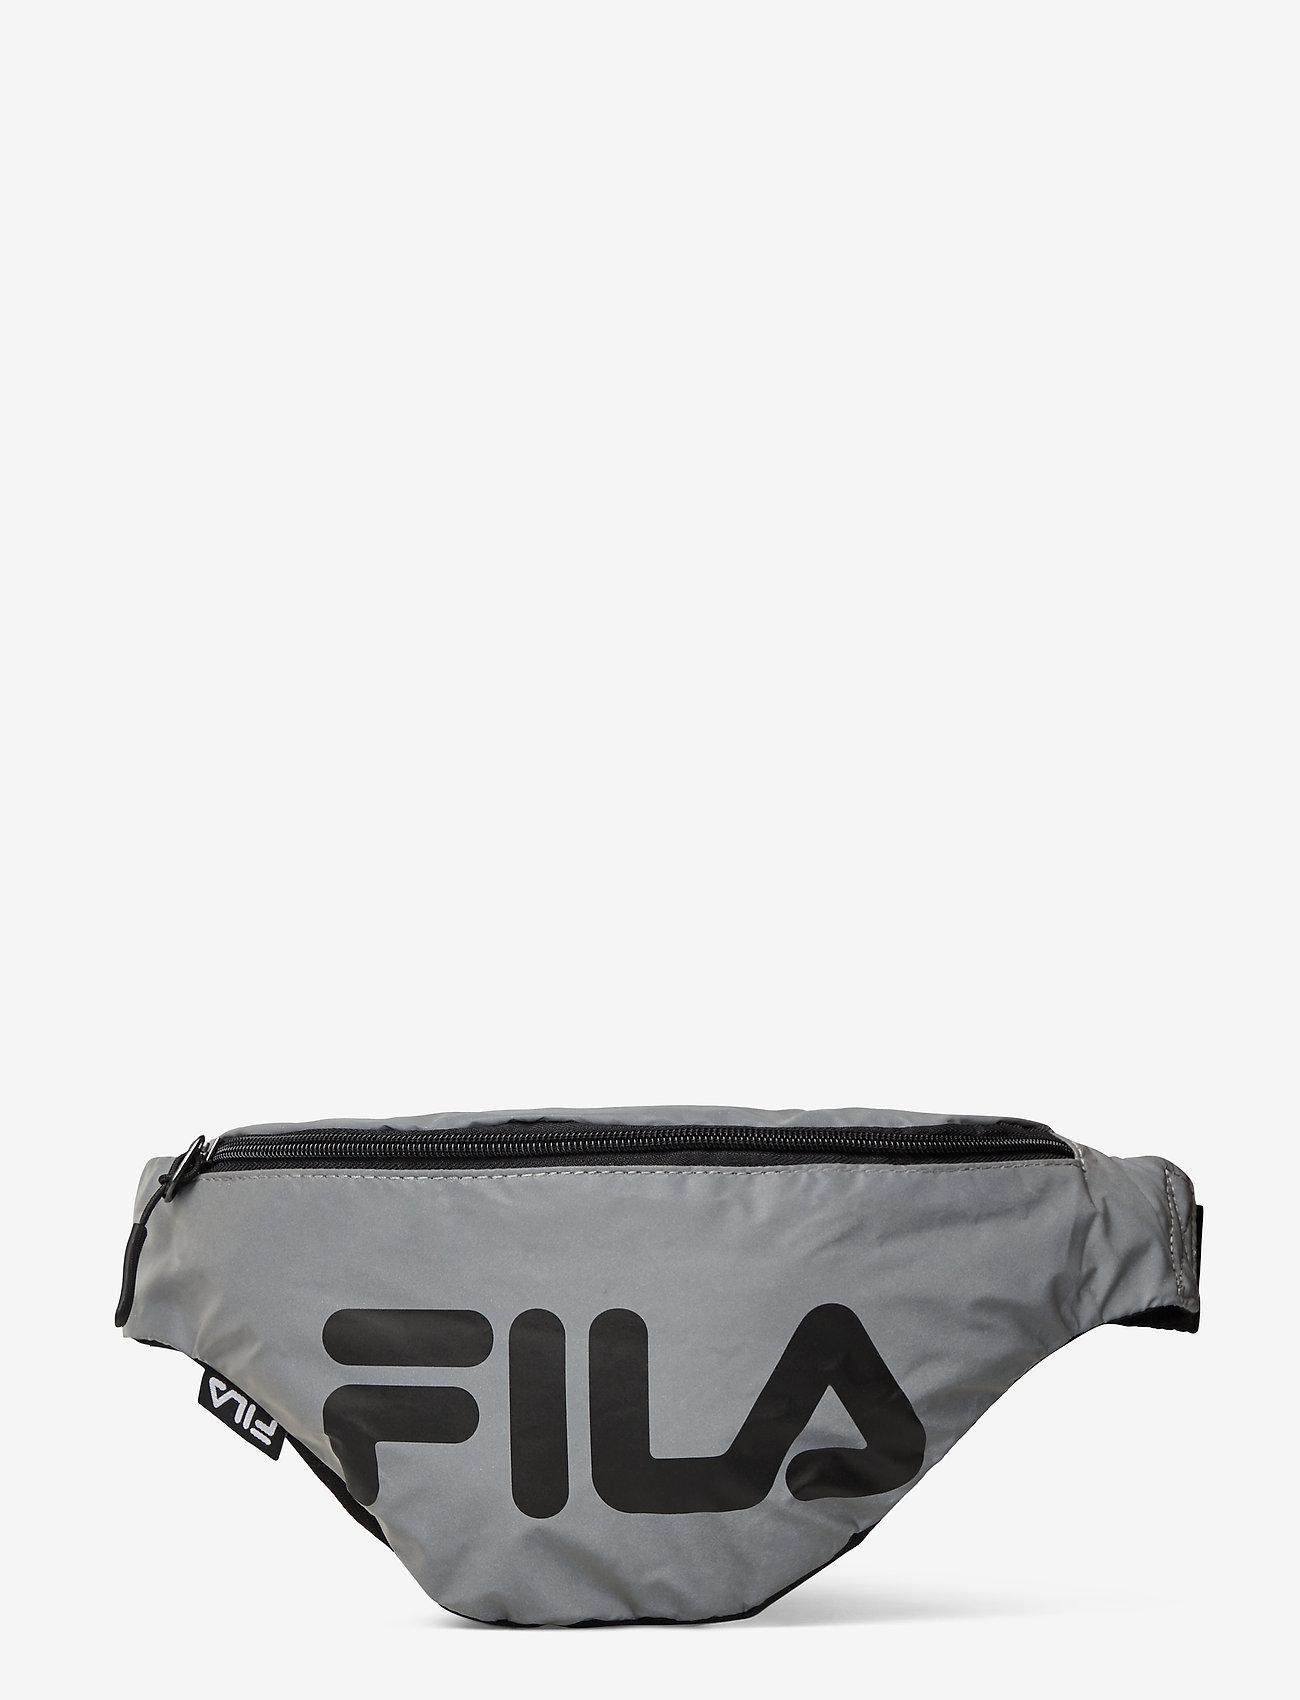 FILA Midjeveske Waist Bag Slim Svart Accessories